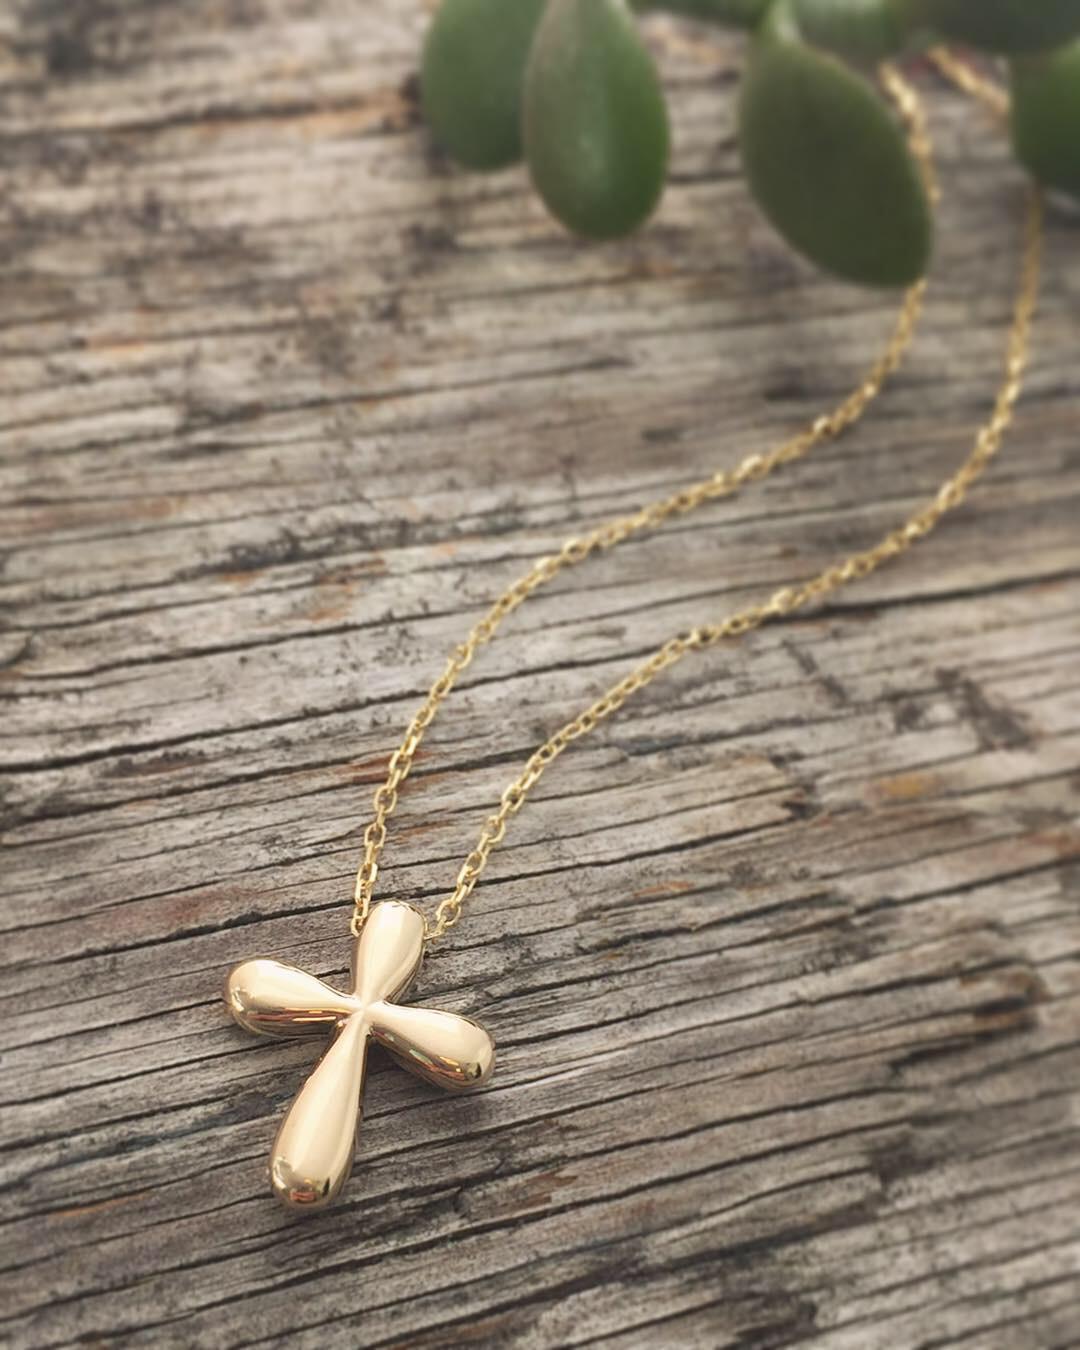 verena-strigler-gold-cross-necklace-14k-vancouver.jpg